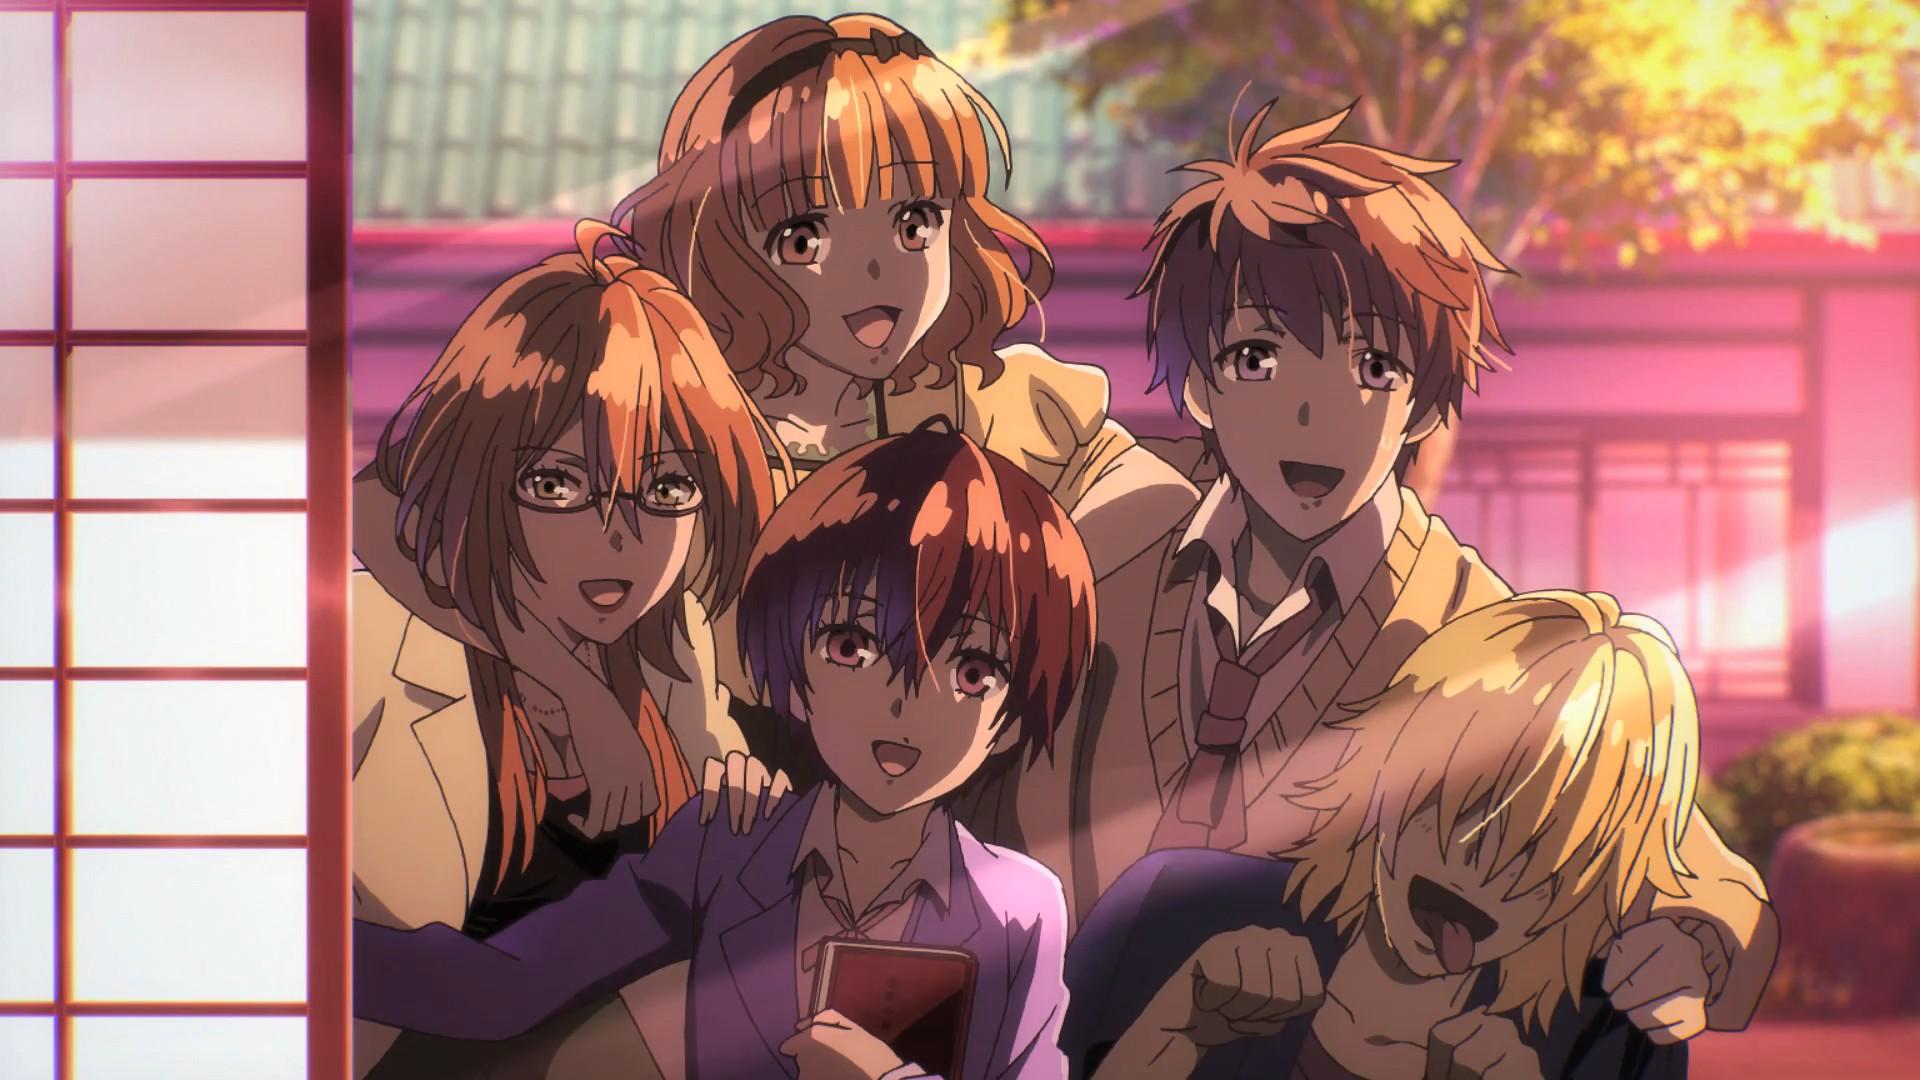 Rekomendasi Anime Genre Slice of Life Terbaik - Part 1